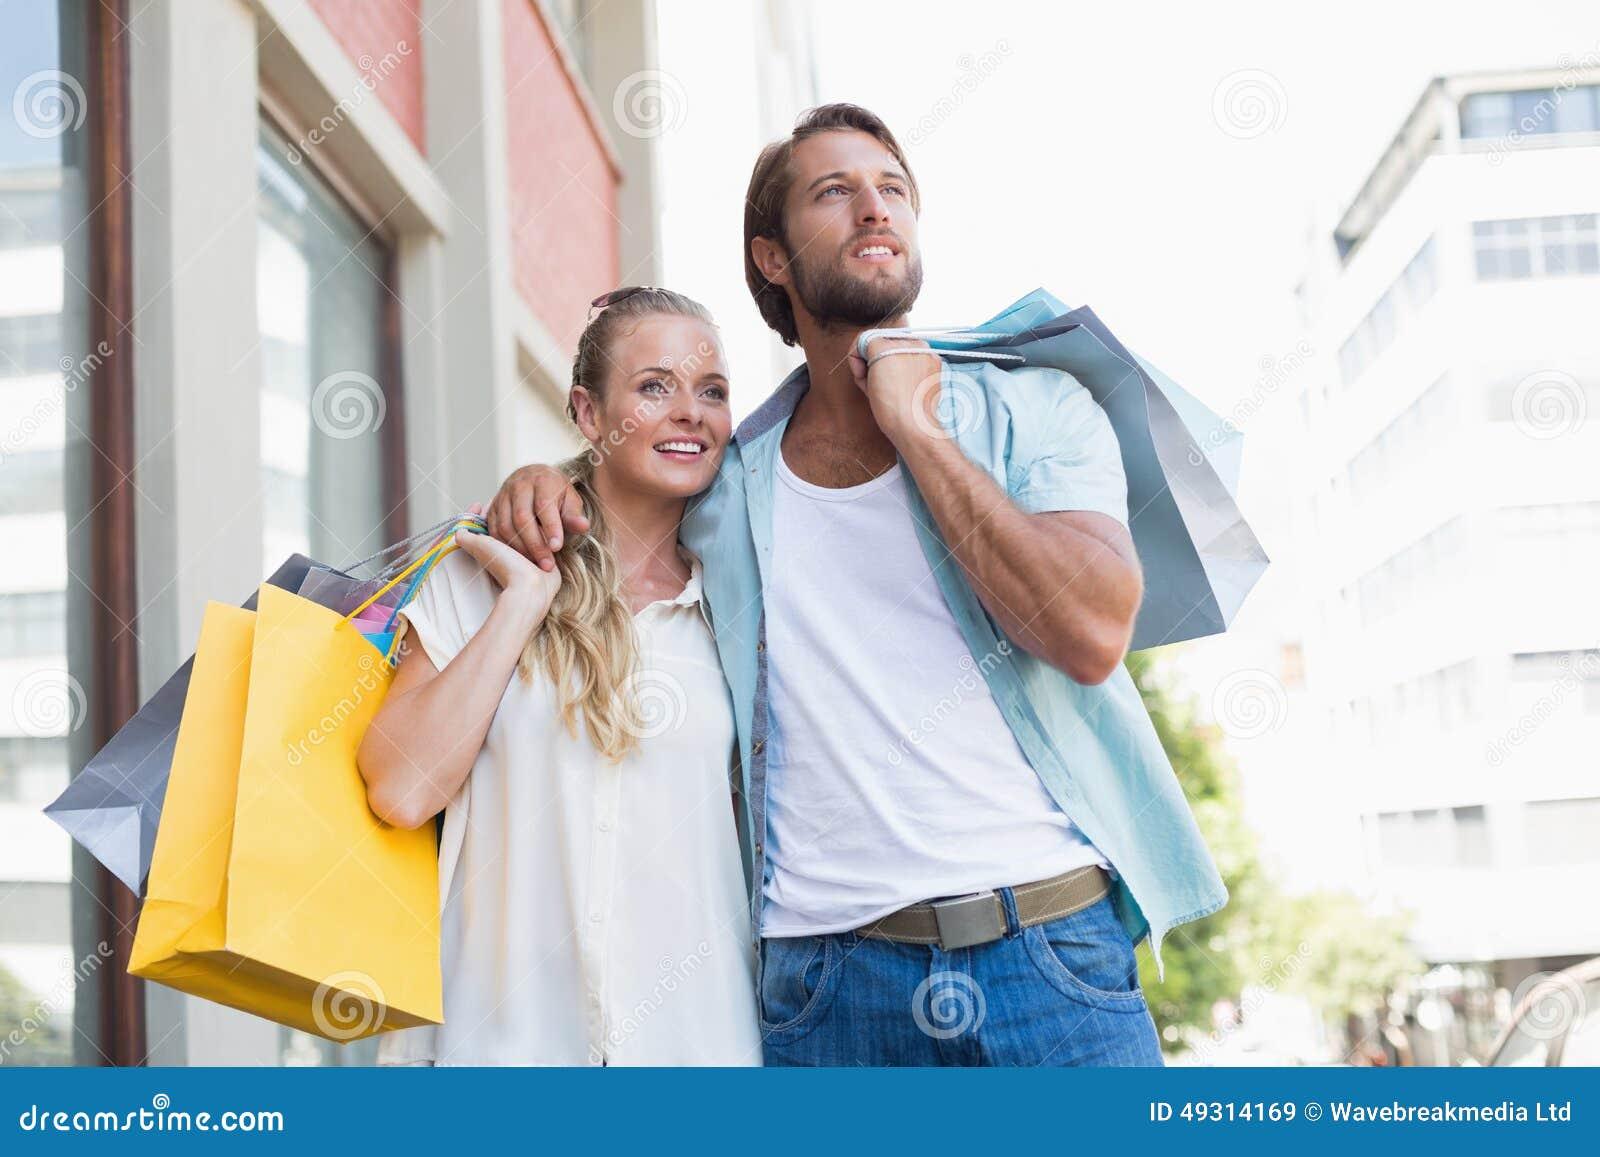 Attraktive Paare, die Einkaufstaschen halten